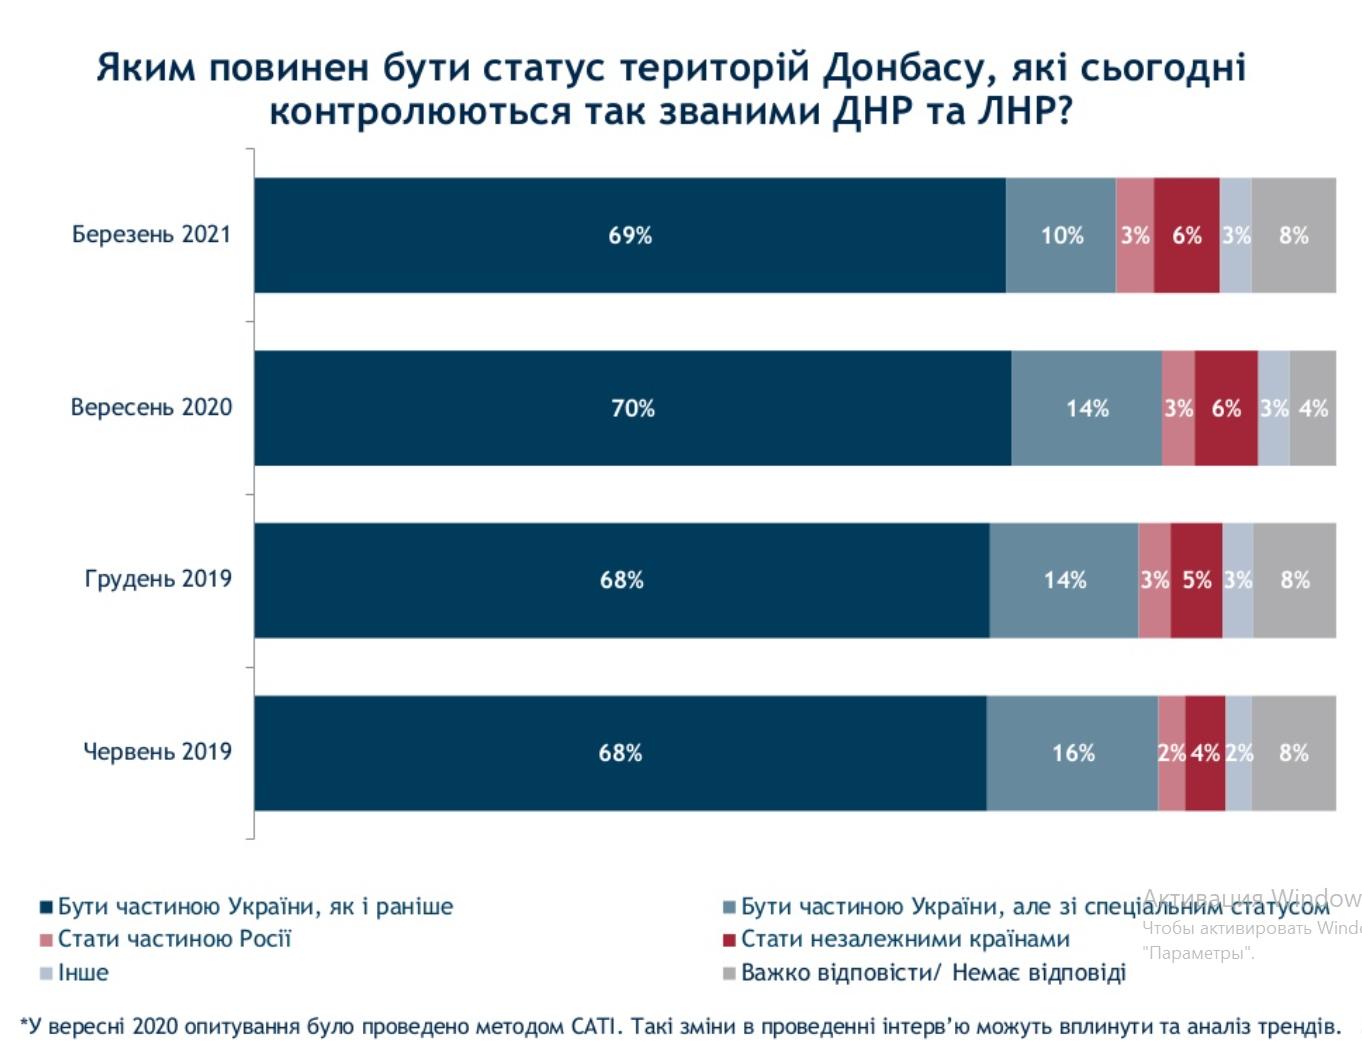 Украинцев спросили о судьбе оккупированного Донбасса. За спецстатус лишь 10% – опрос